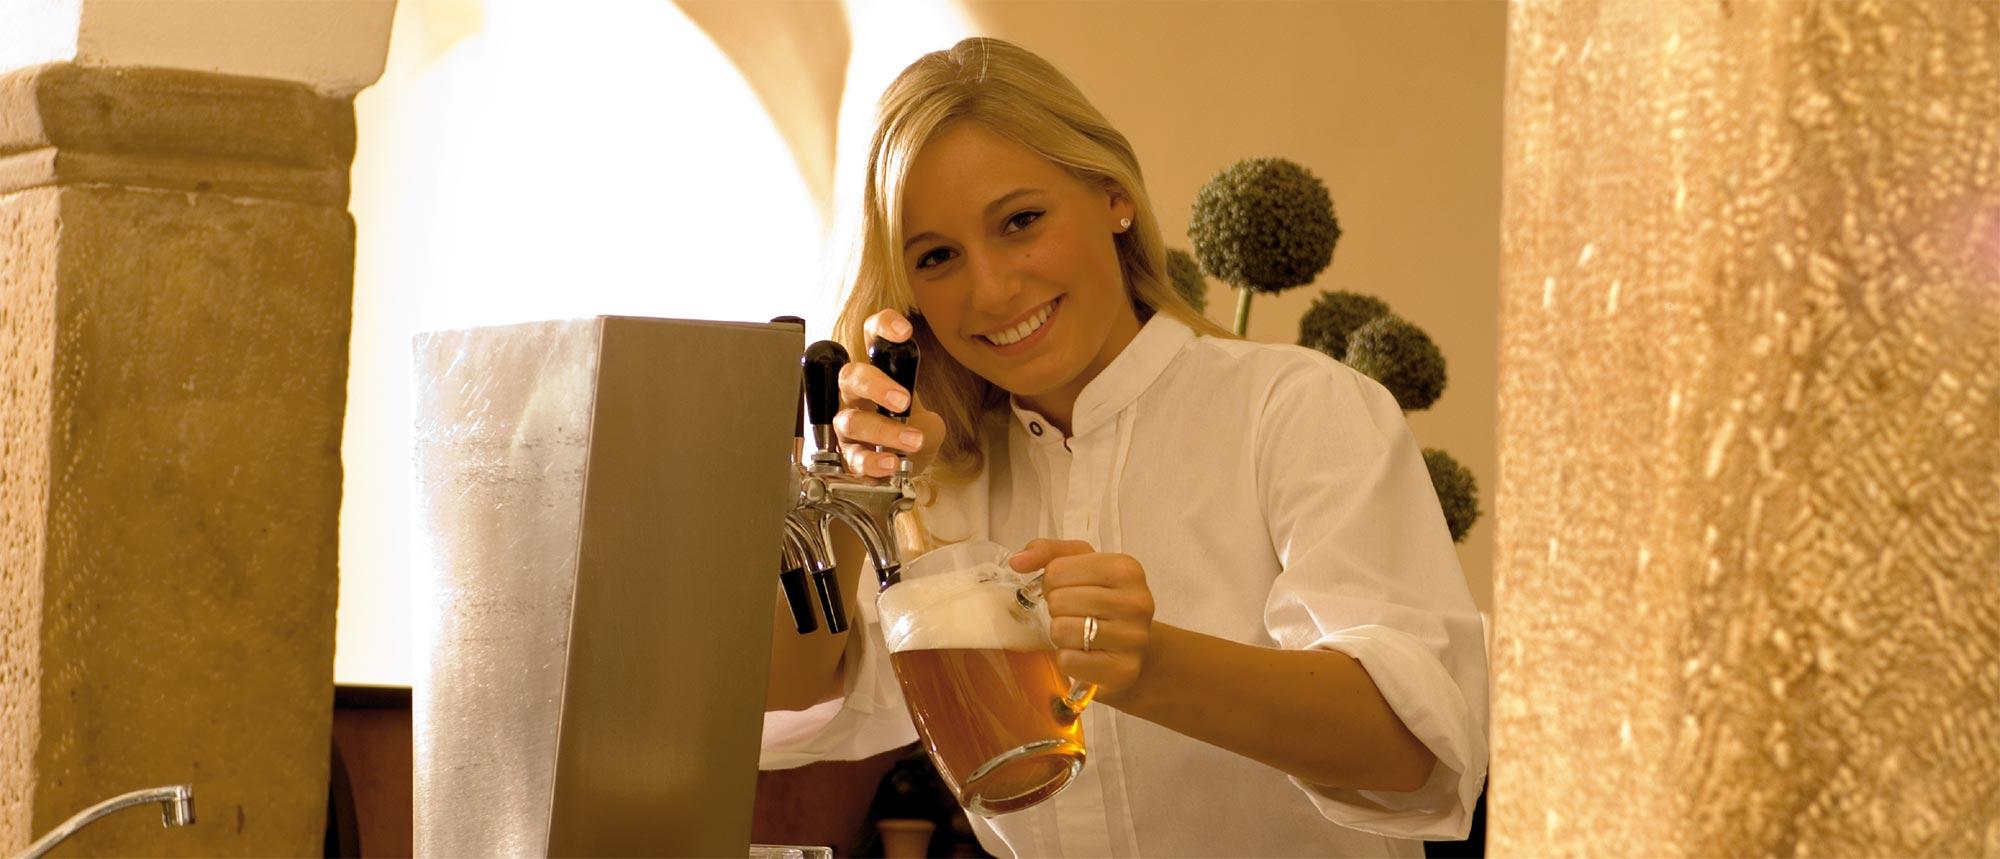 Fuehrung-Bier-und-Frauen-GRO